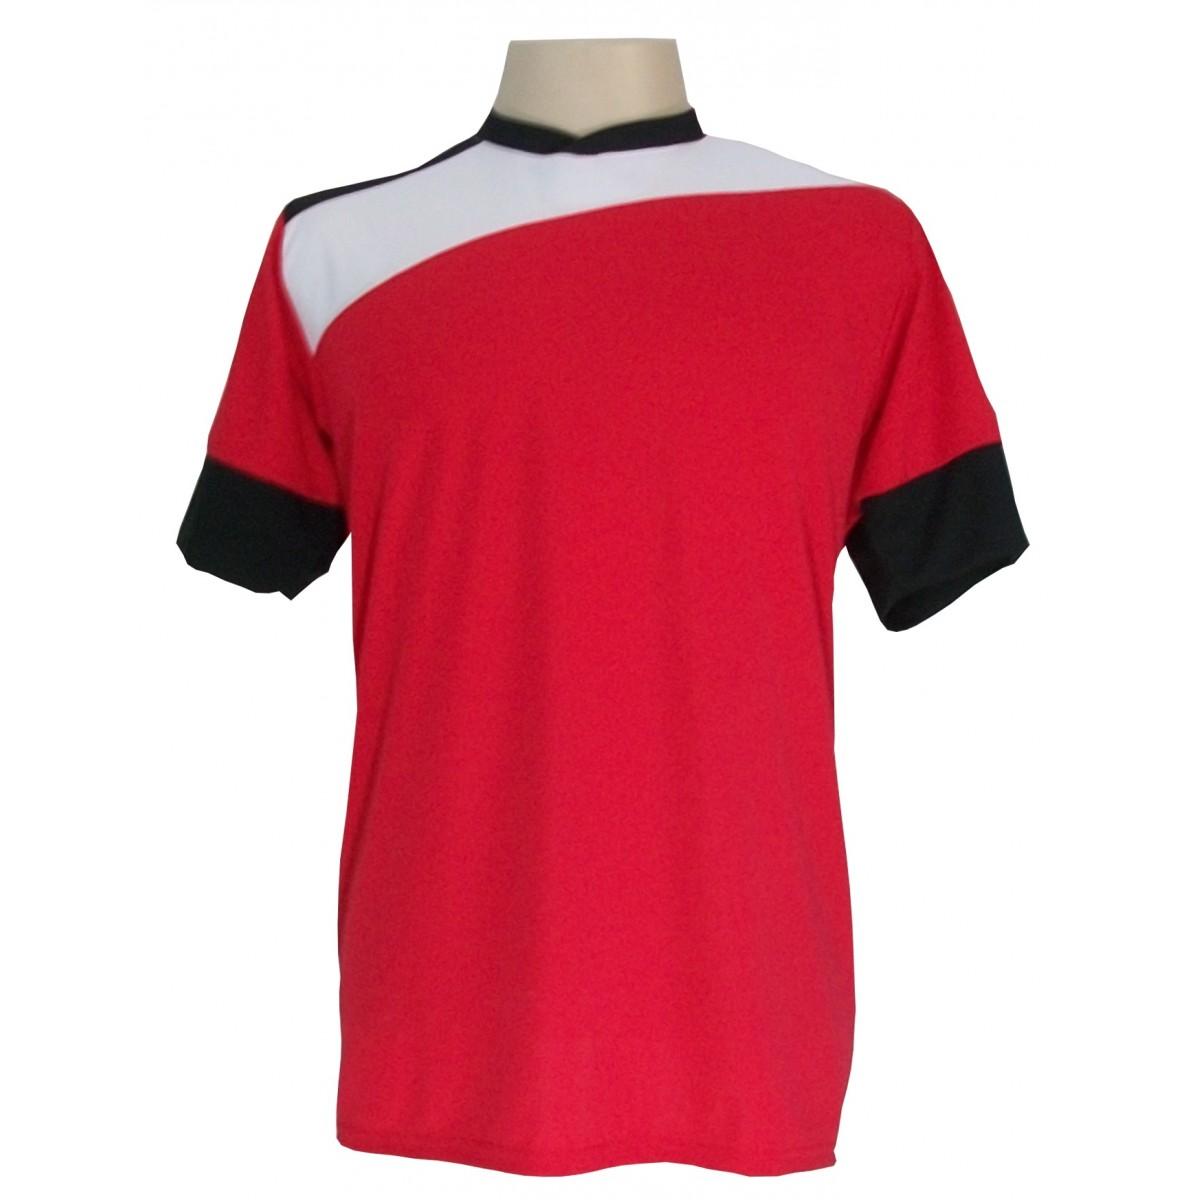 Uniforme Esportivo Completo modelo Sporting 14+1 (14 camisas Vermelho/Branco/Preto + 14 calções Madrid Vermelho + 14 pares de meiões Vermelhos + 1 conjunto de goleiro) + Brindes